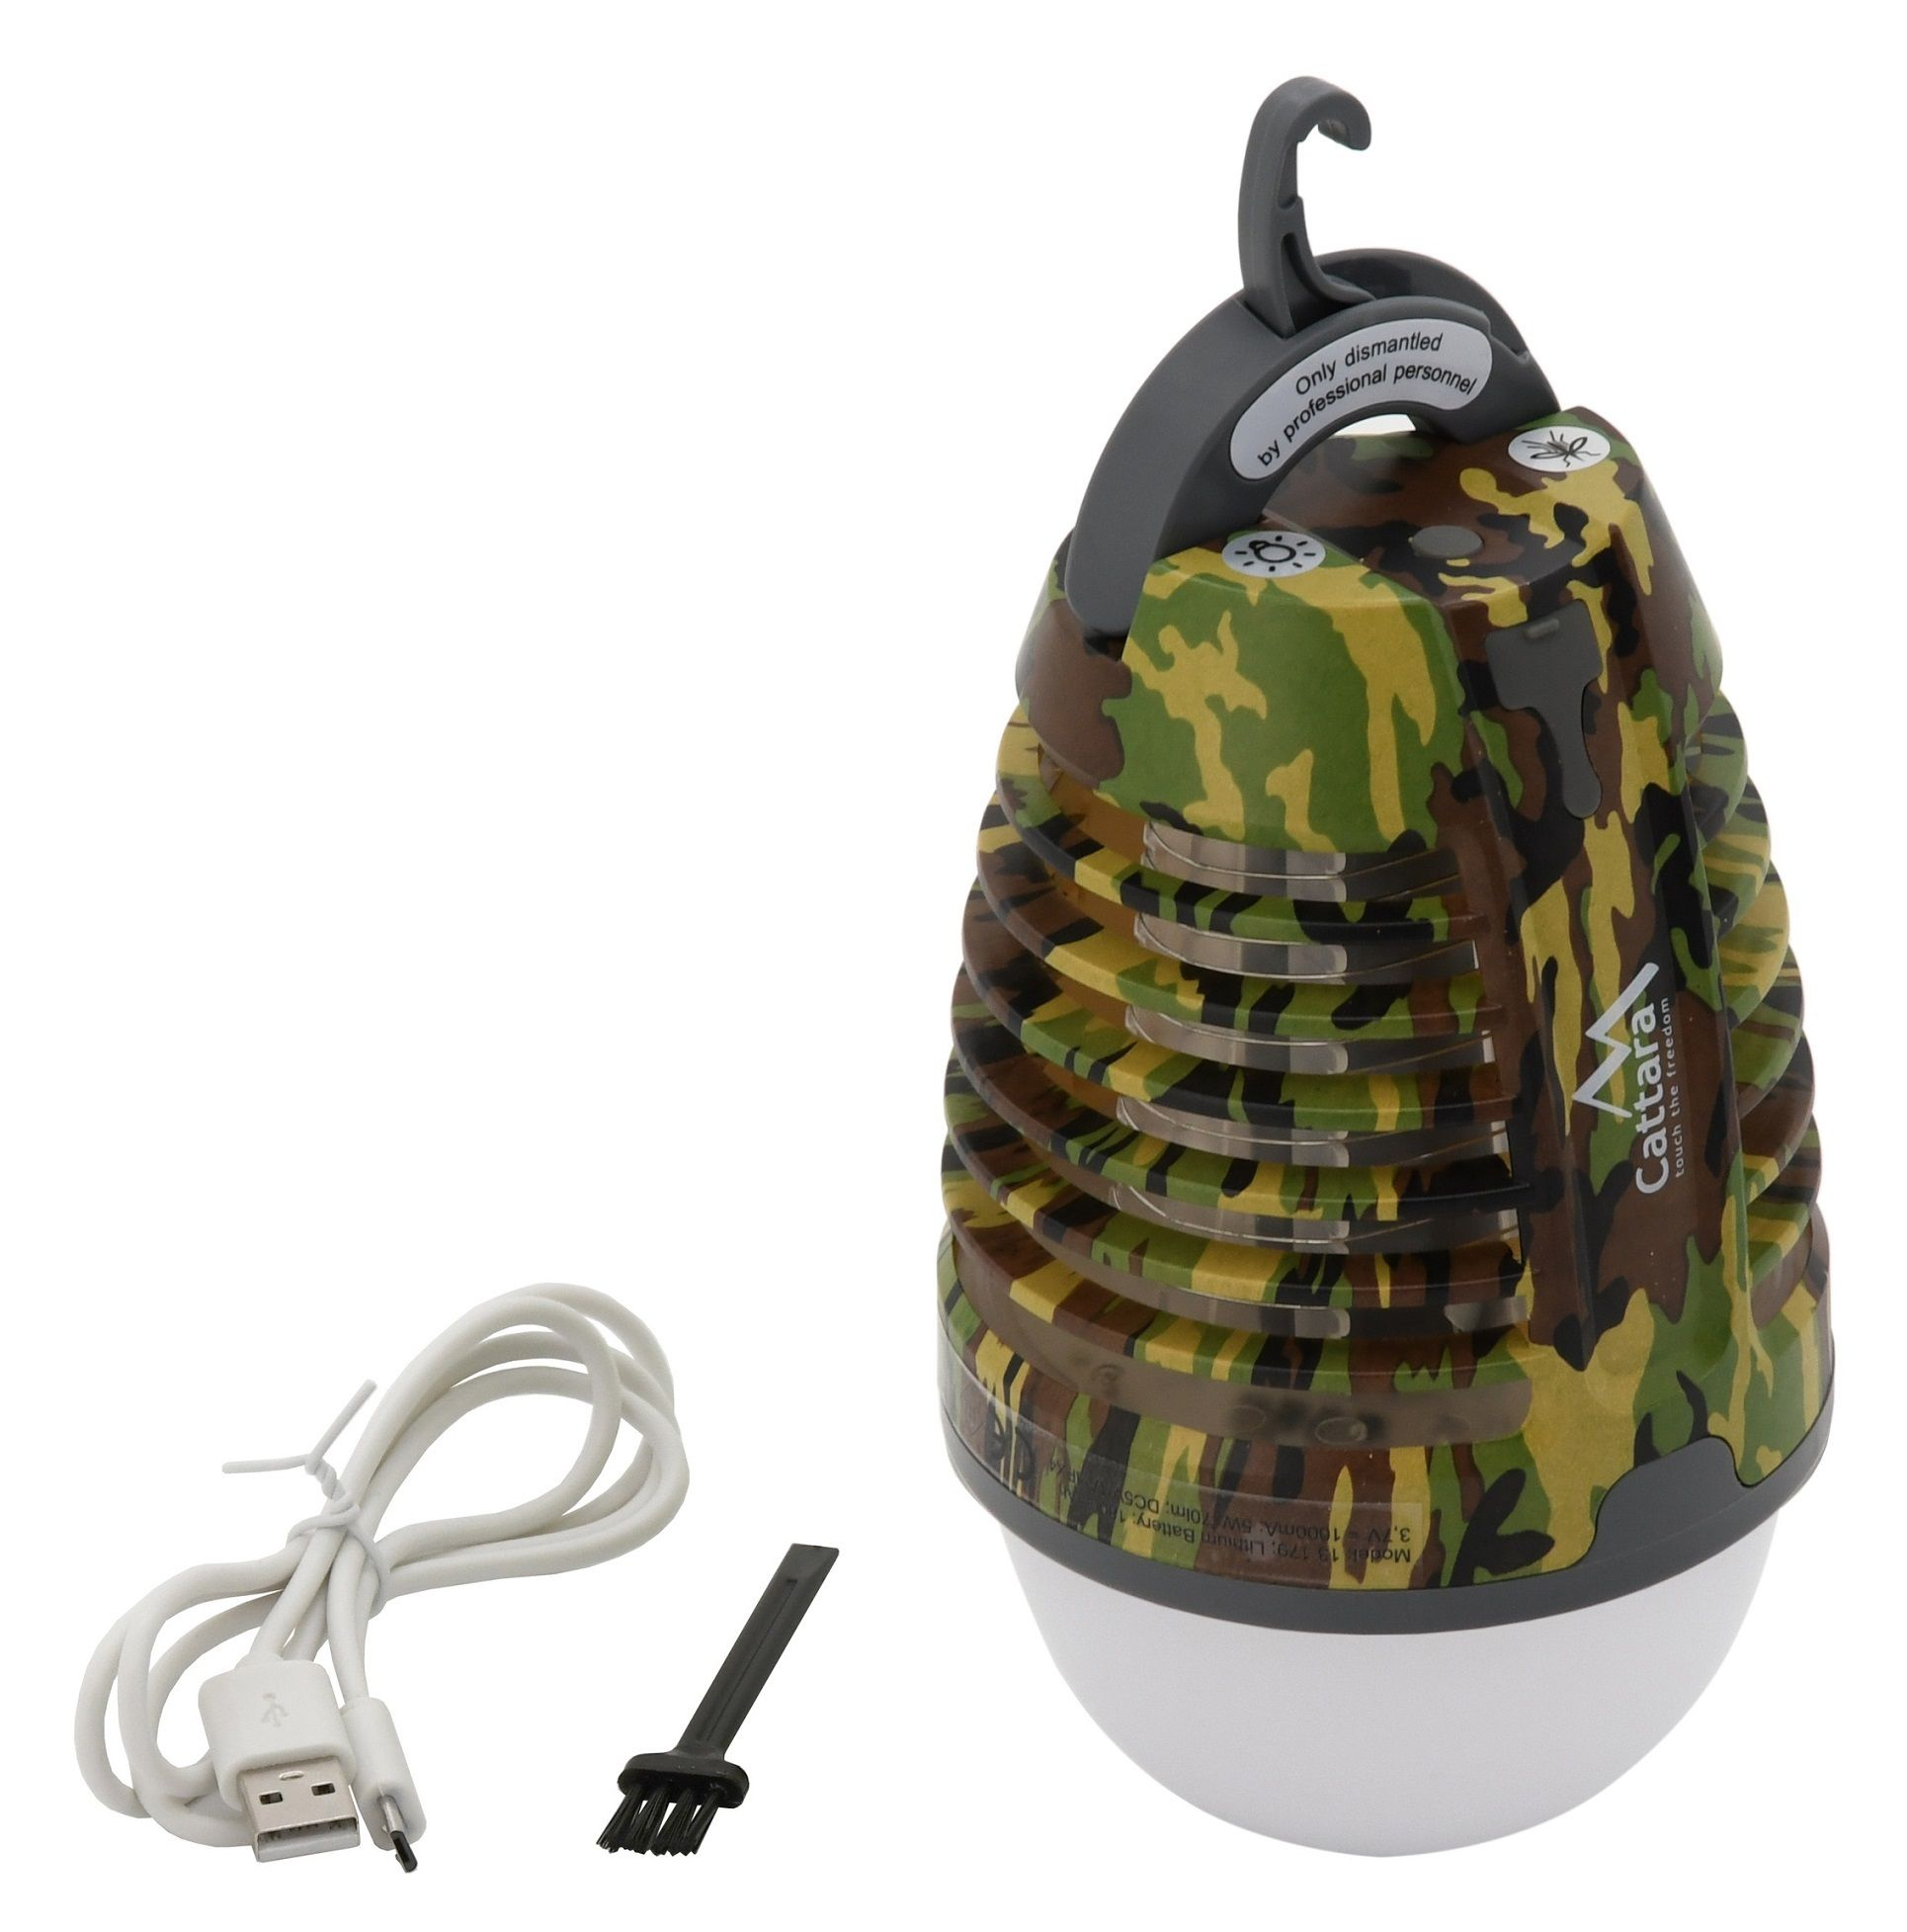 Svítilna PEAR ARMY nabíjecí + lapač hmyzu CATTARA